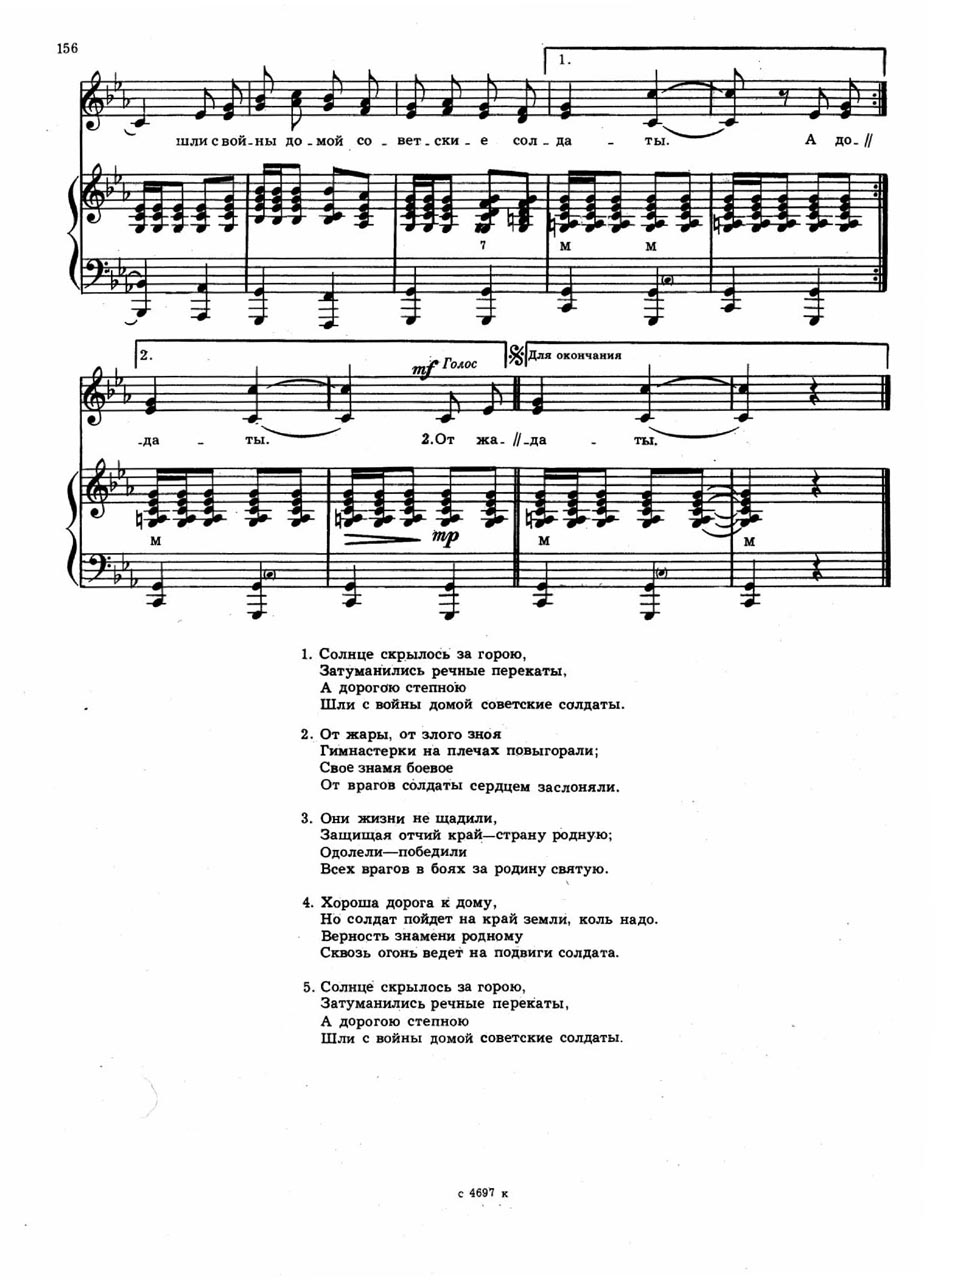 М. Блантер, А. Коваленов. Песня «Солнце скрылось за горою». Ноты для голоса в сопровождении фортепиано (баяна)